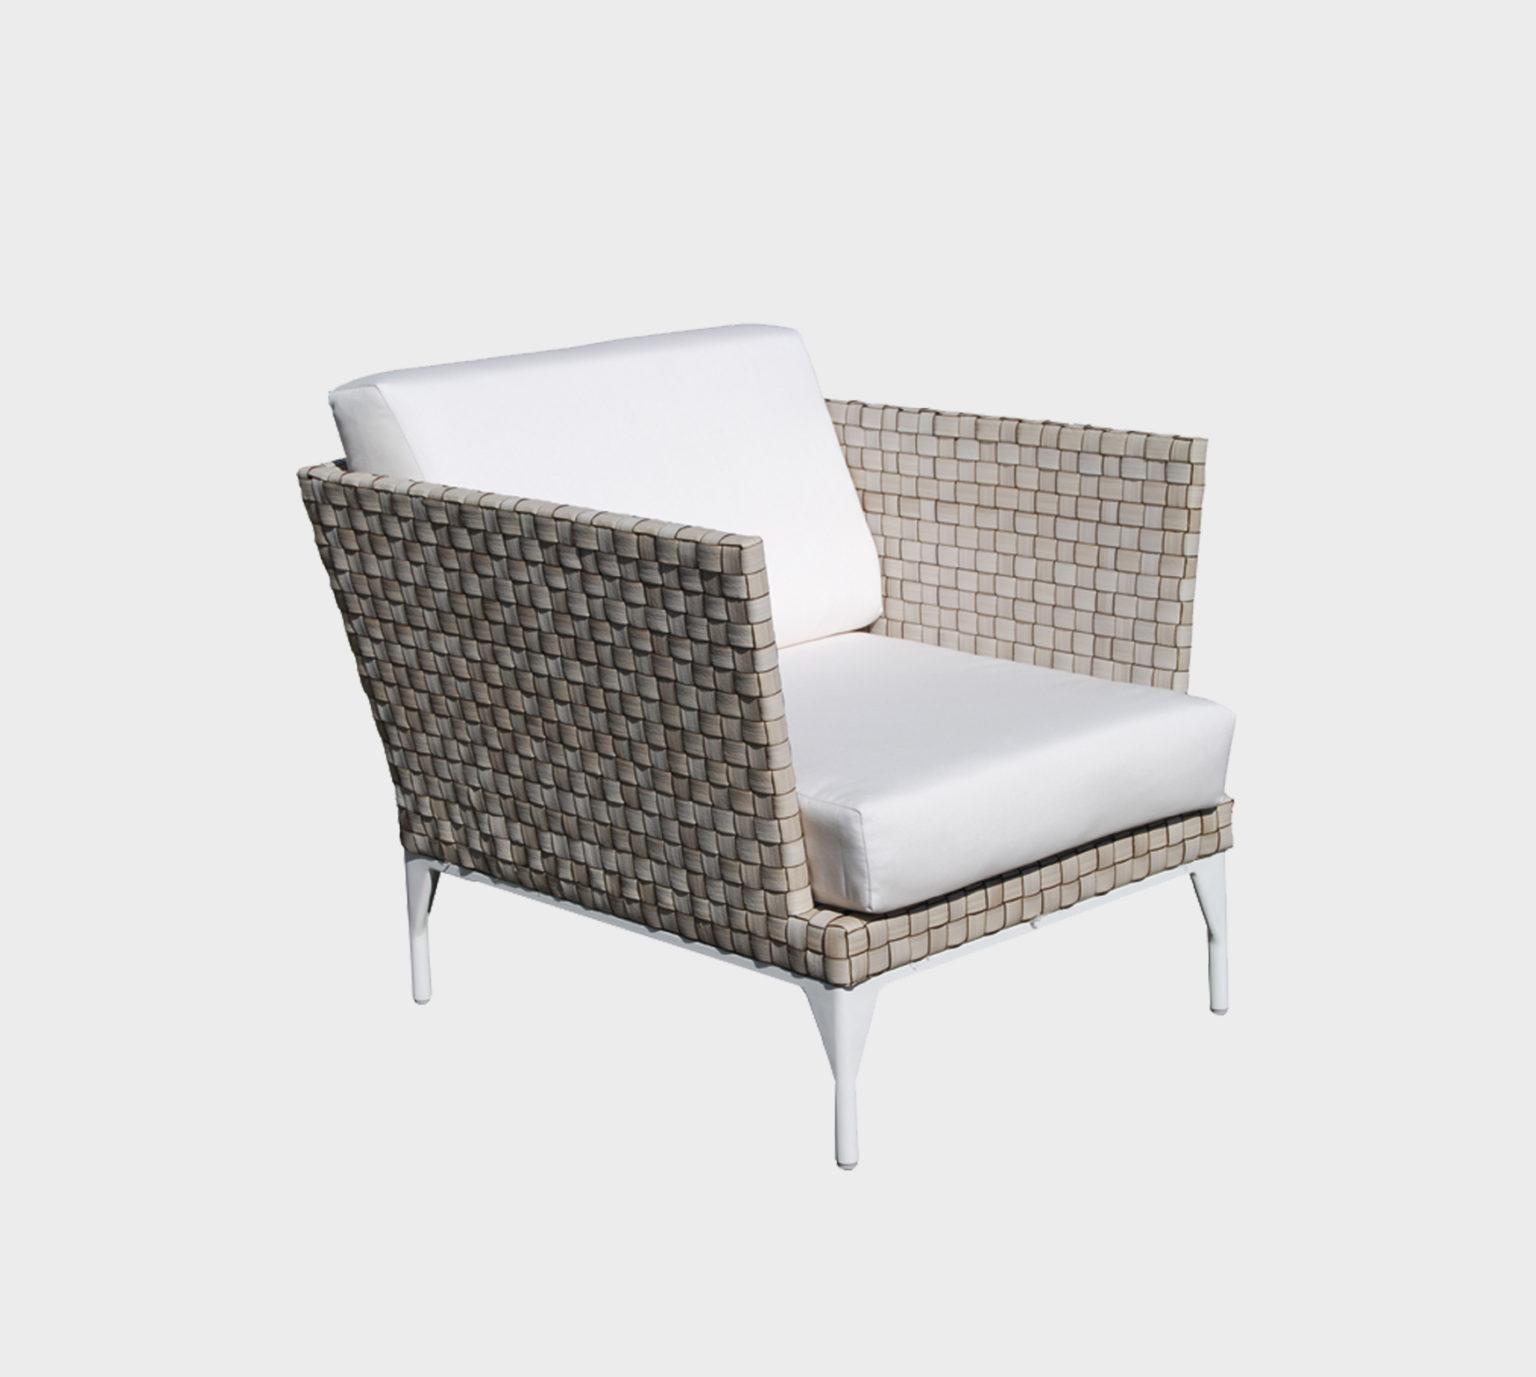 купить кресло BRAFTA skyline в сочи